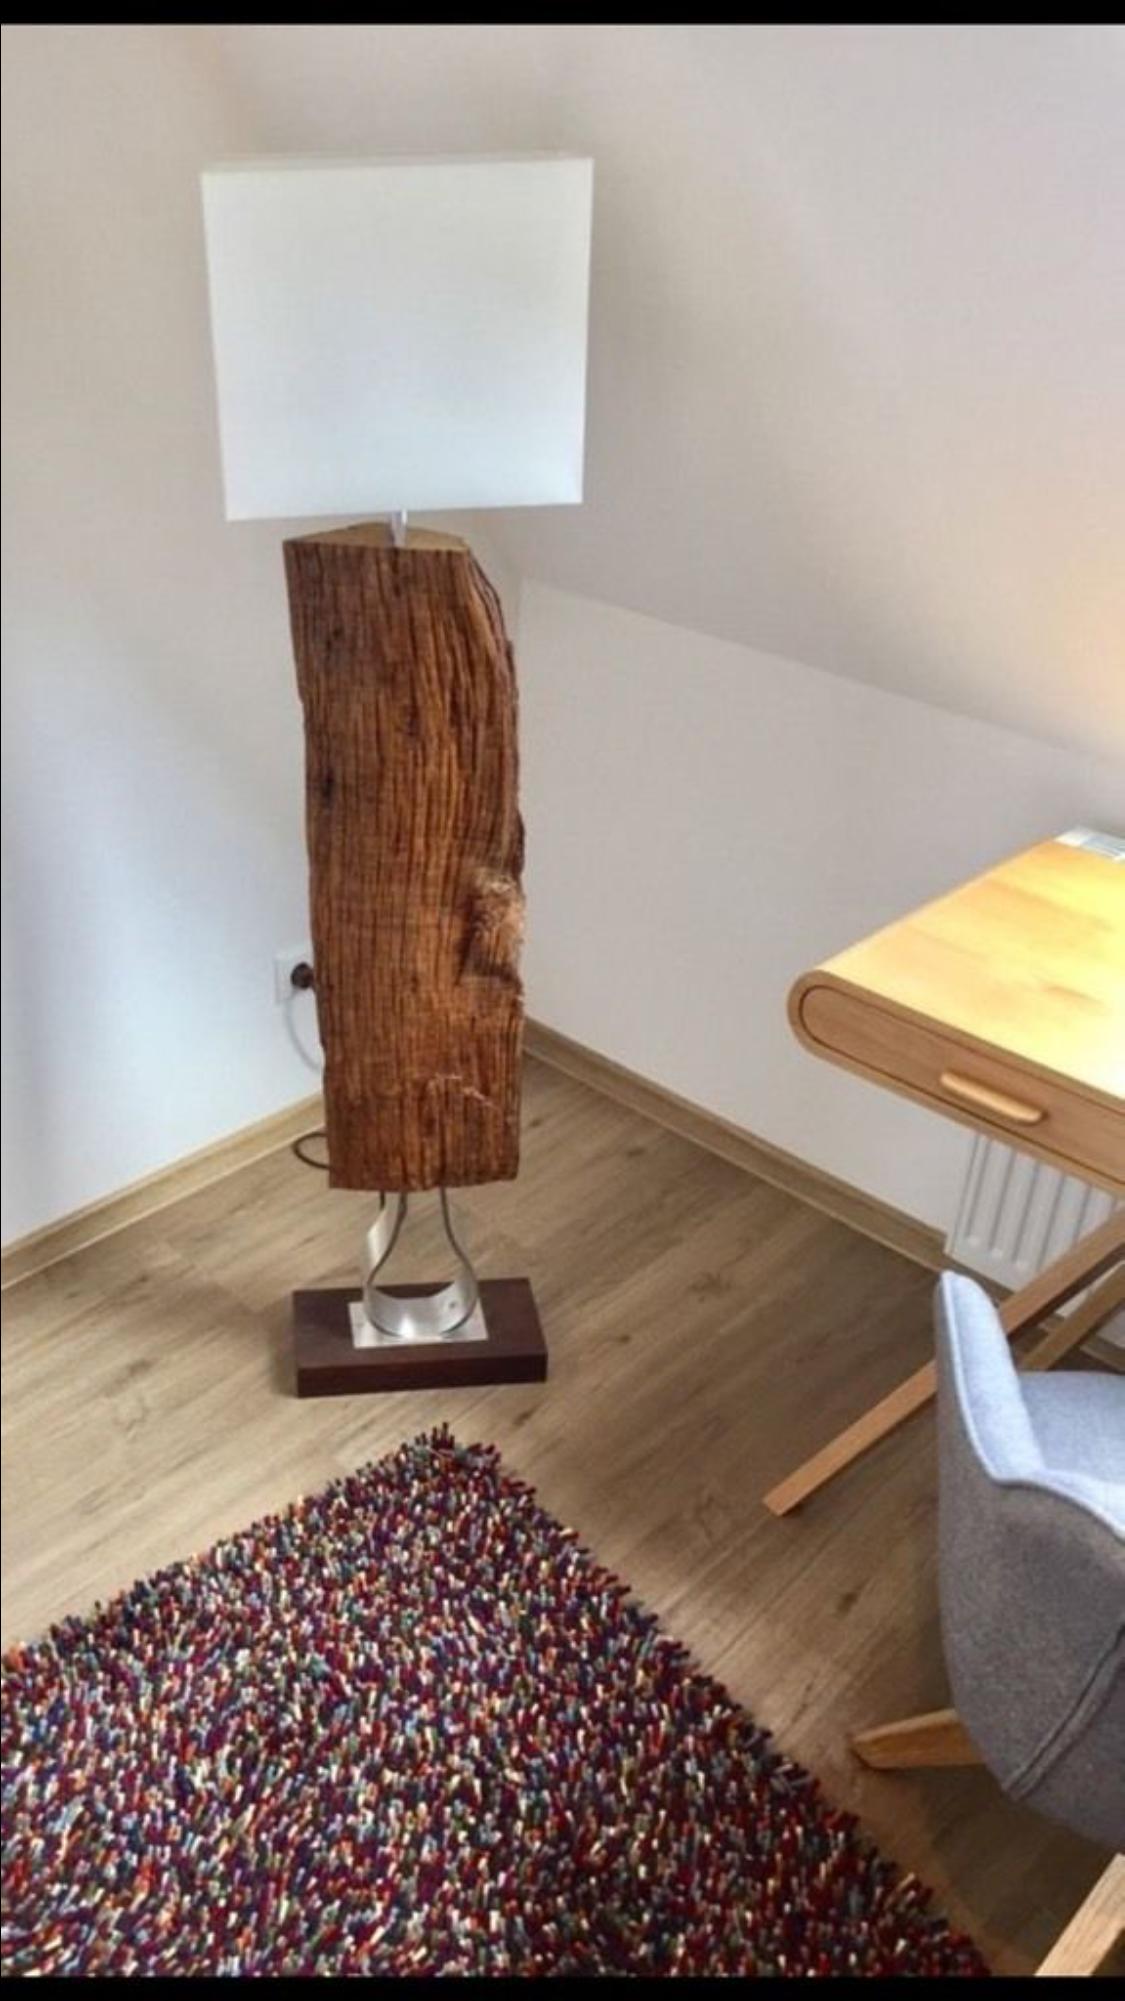 Pin Von Tore Jansen Auf Treibholz Lampe Unikat Holz Betonlampe